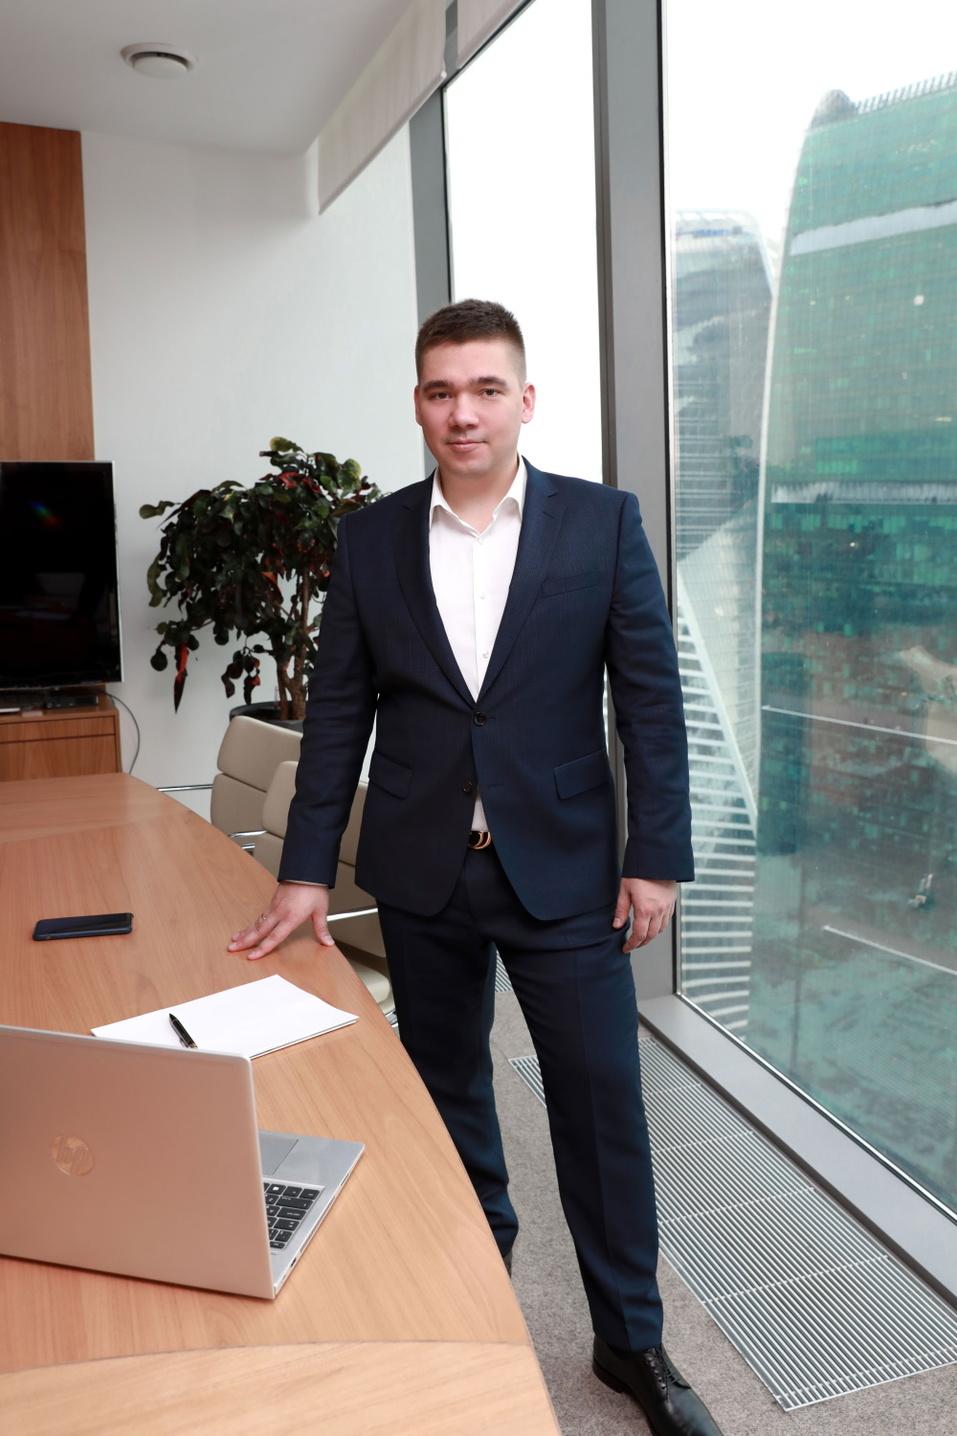 Дмитрий Антипин: «Инвесторы вкладываются в криптовалюту все охотнее» 1